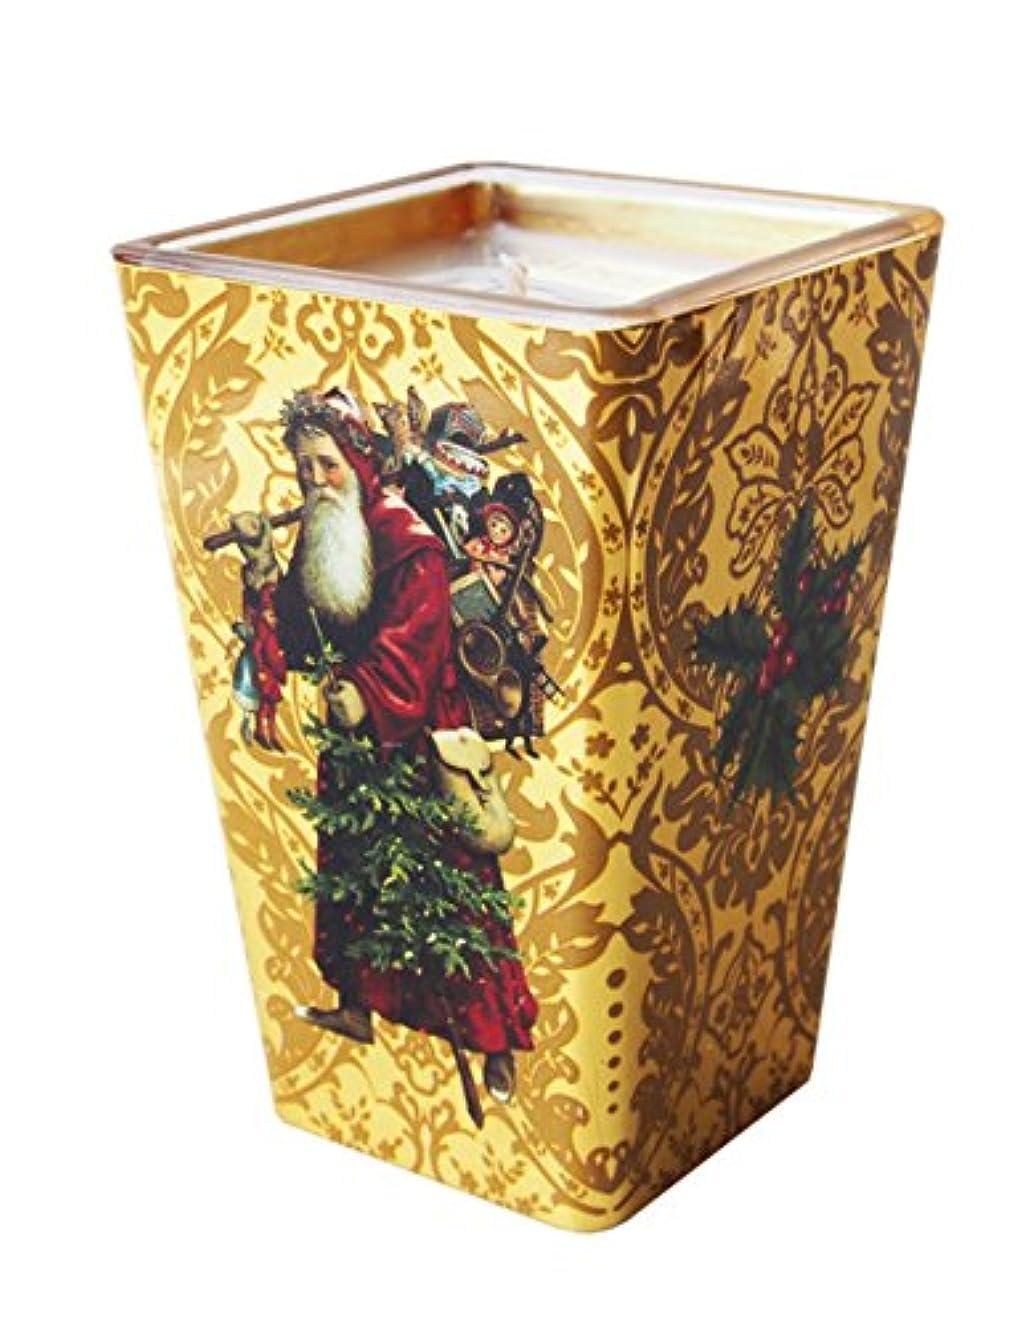 荒廃するフラスコマーティンルーサーキングジュニアFRINGE STUDIO 【クリスマス】 アロマ キャンドル (ゴールド×サンタクロース) F412170